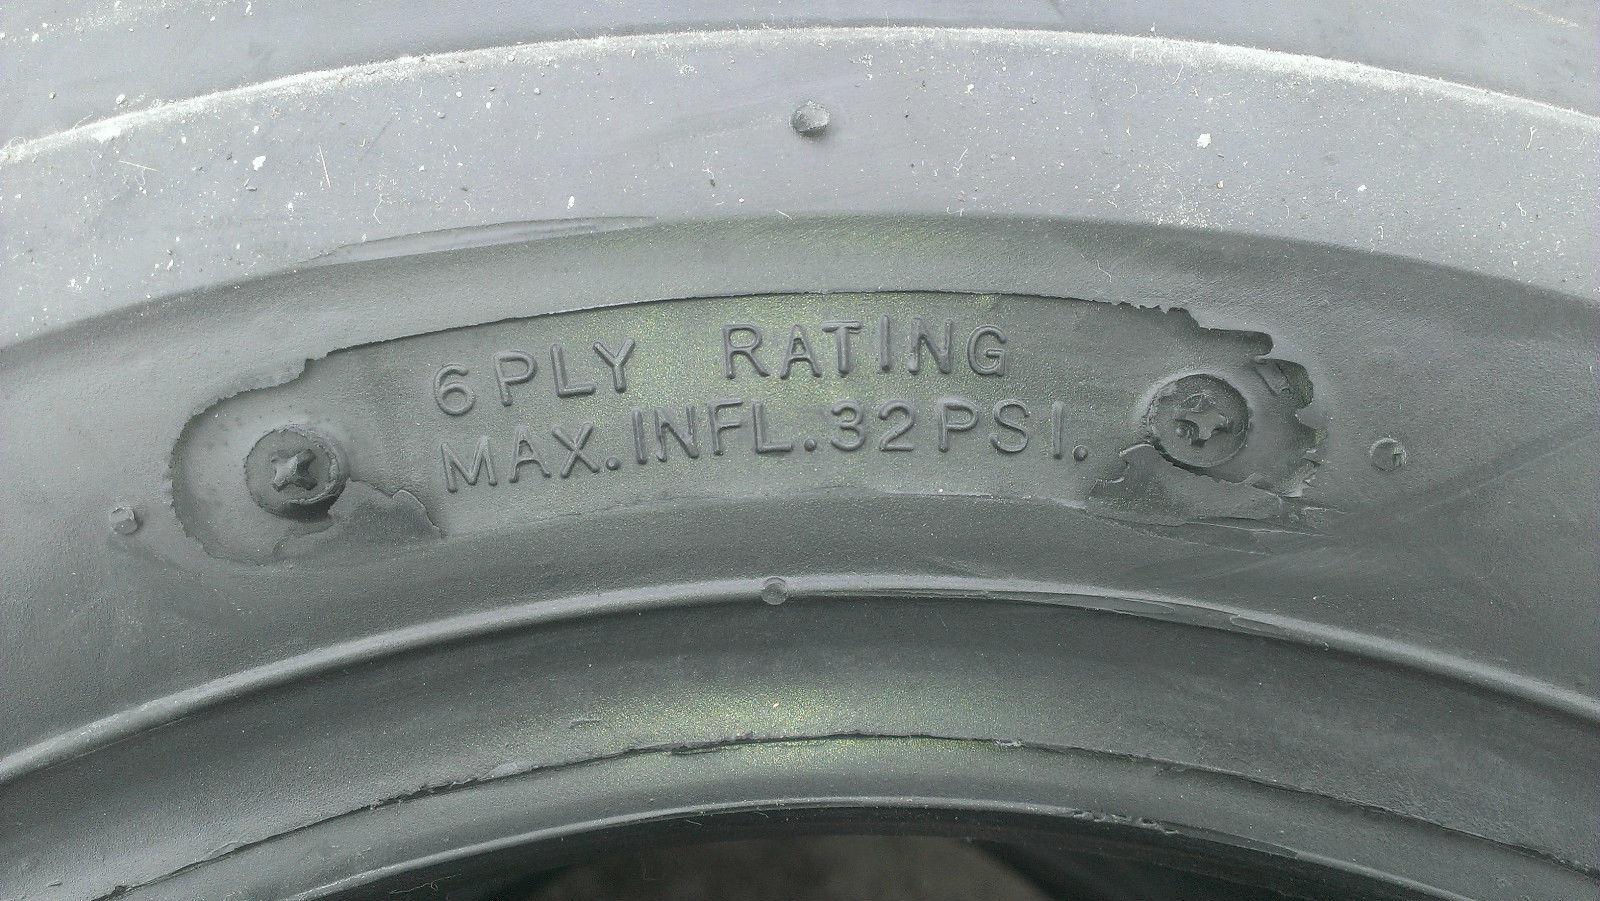 2-23X9.50-12 Deestone 4P Super Lug Tires FREE SHIPPING 23x9.5-12